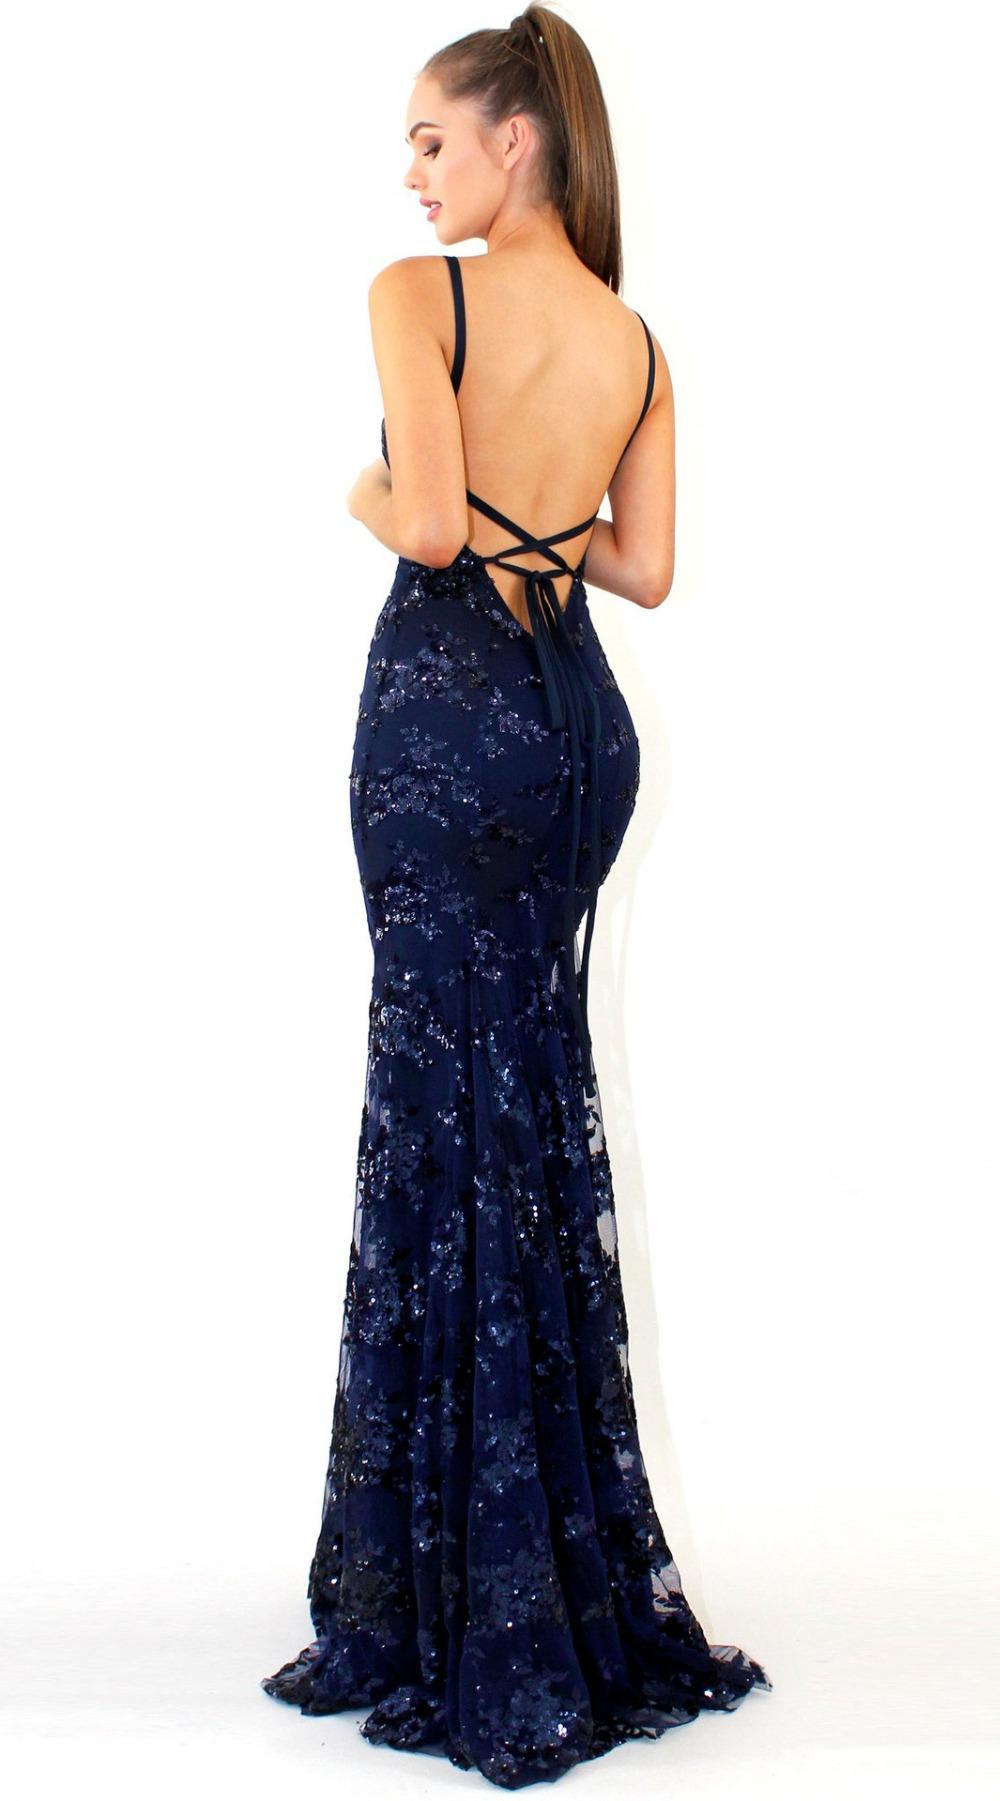 Sexy Party Dress Sleeveless Straps Glitter Sequins Backless Long Dress Women Maxi Dress 5